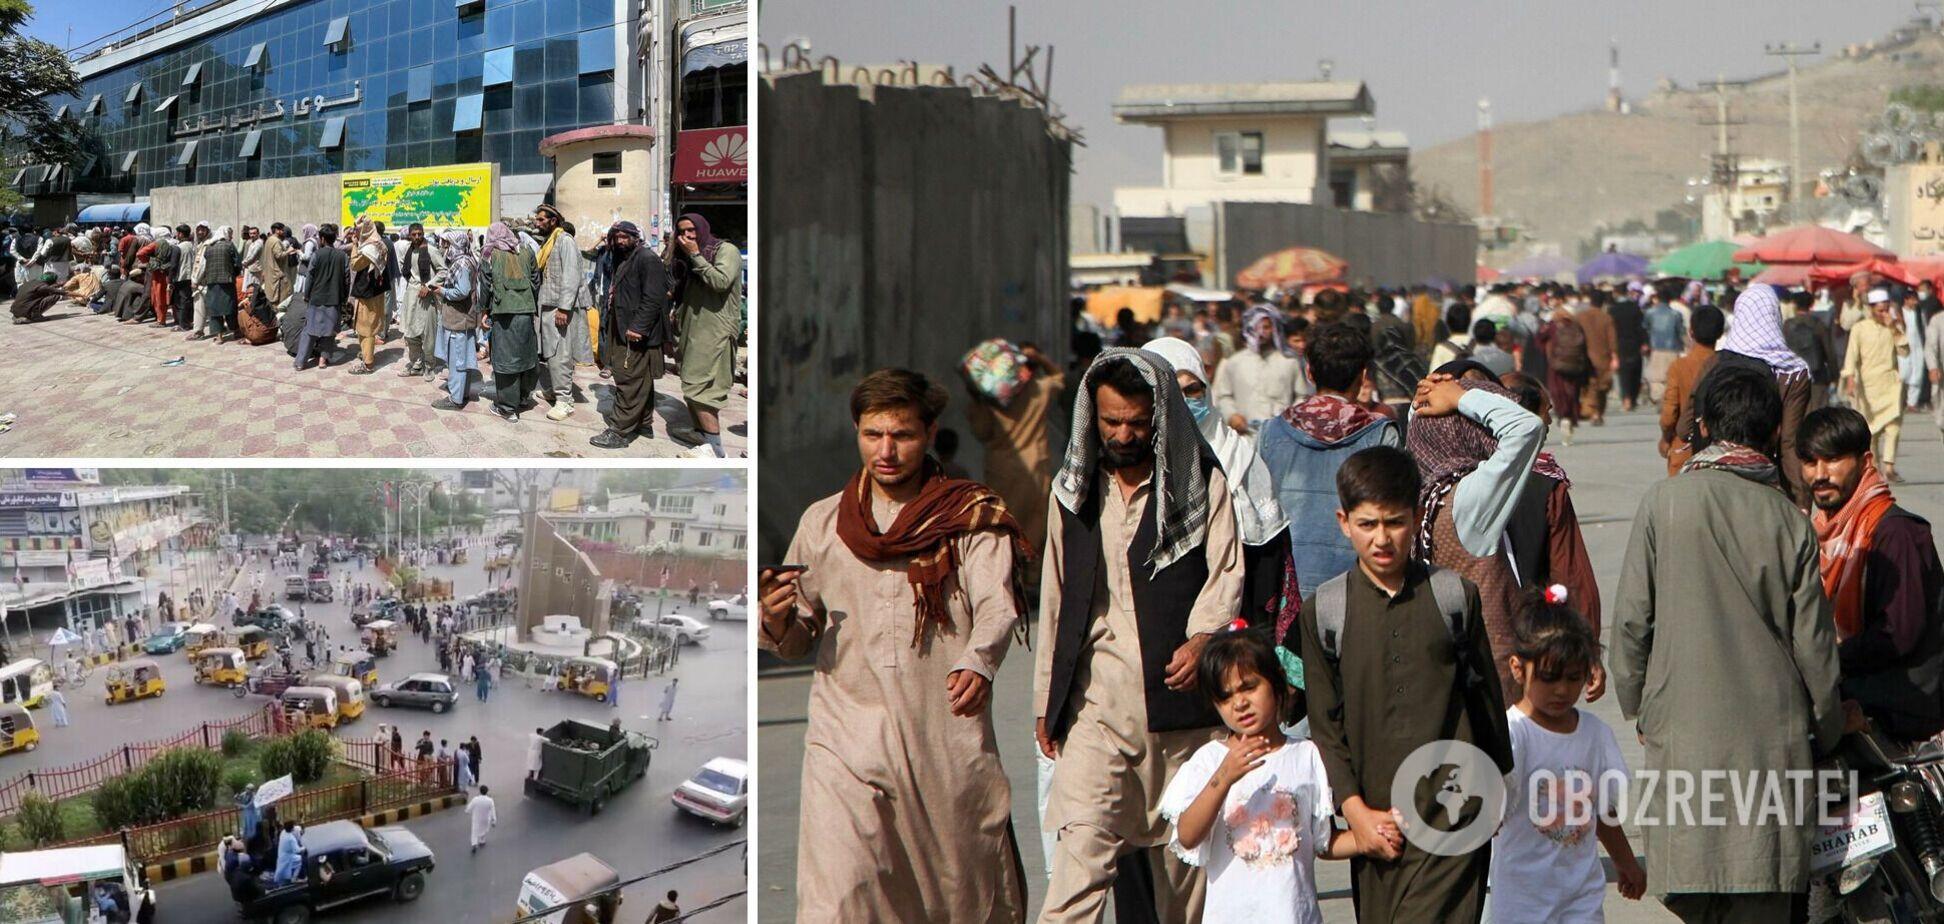 В Кабуле началась акция протеста против закрытия банков: на улицы вышли сотни людей. Фото